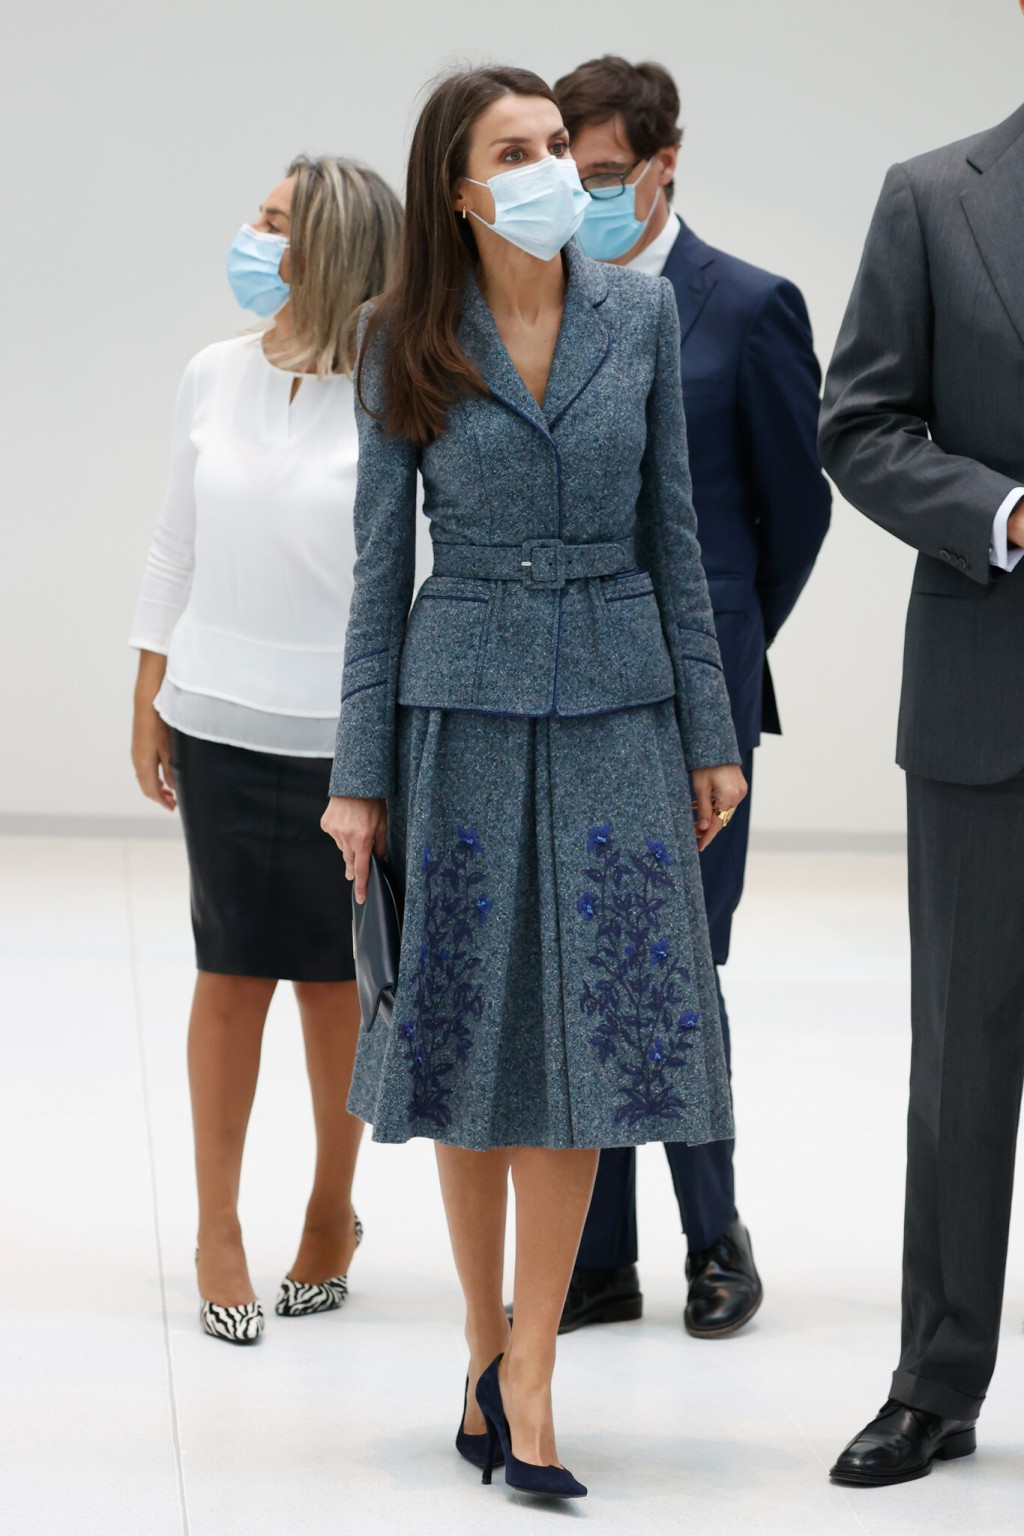 La reina Letizia inicia la semana con uno de sus tejidos favoritos: el tweed